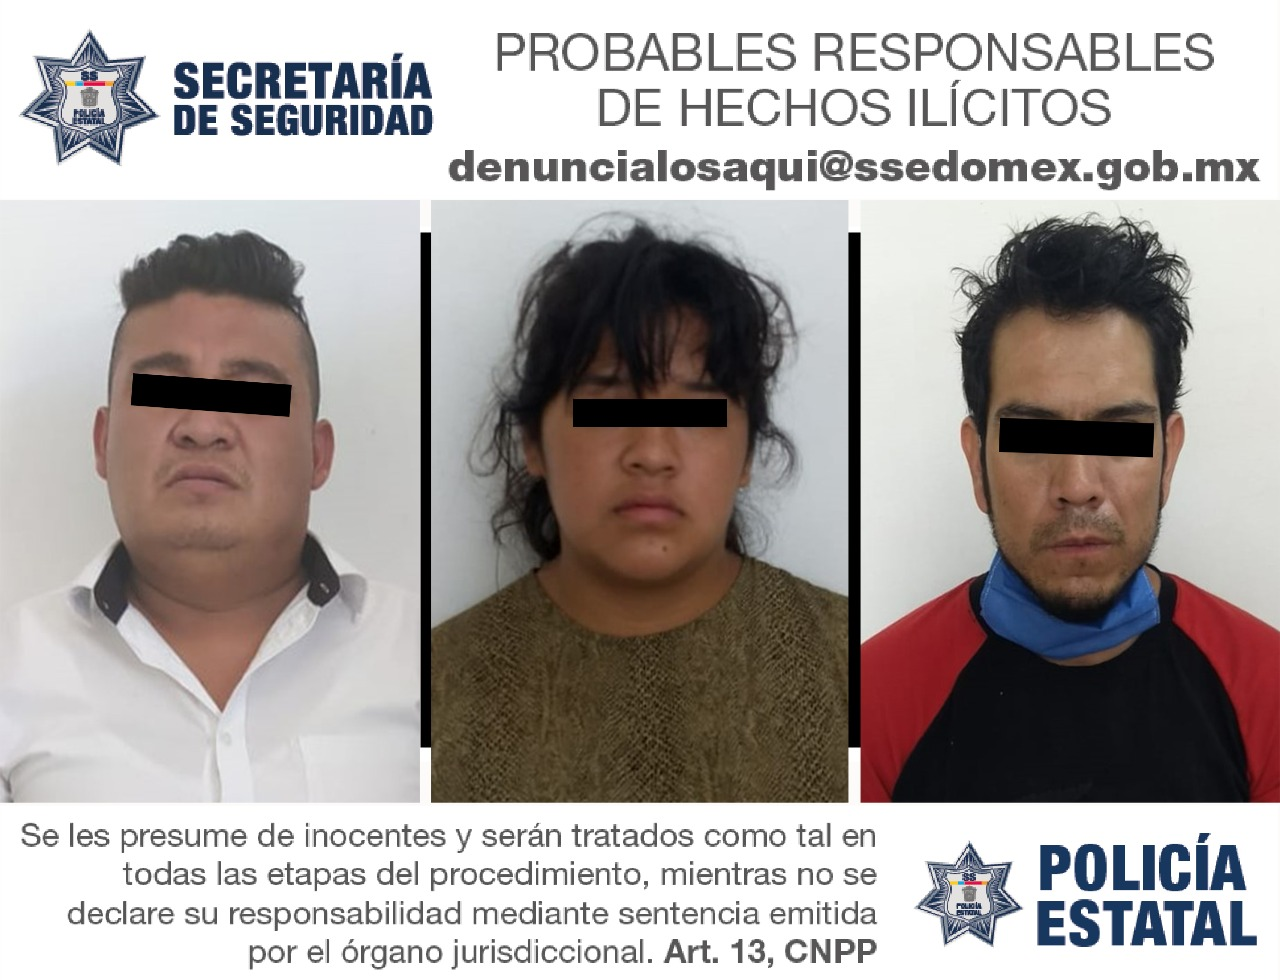 CAPTURAN A TRES PERSONAS EN POSESIÓN DE DOS VEHÍCULOS CON REPORTE DE ROBO VIGENTE